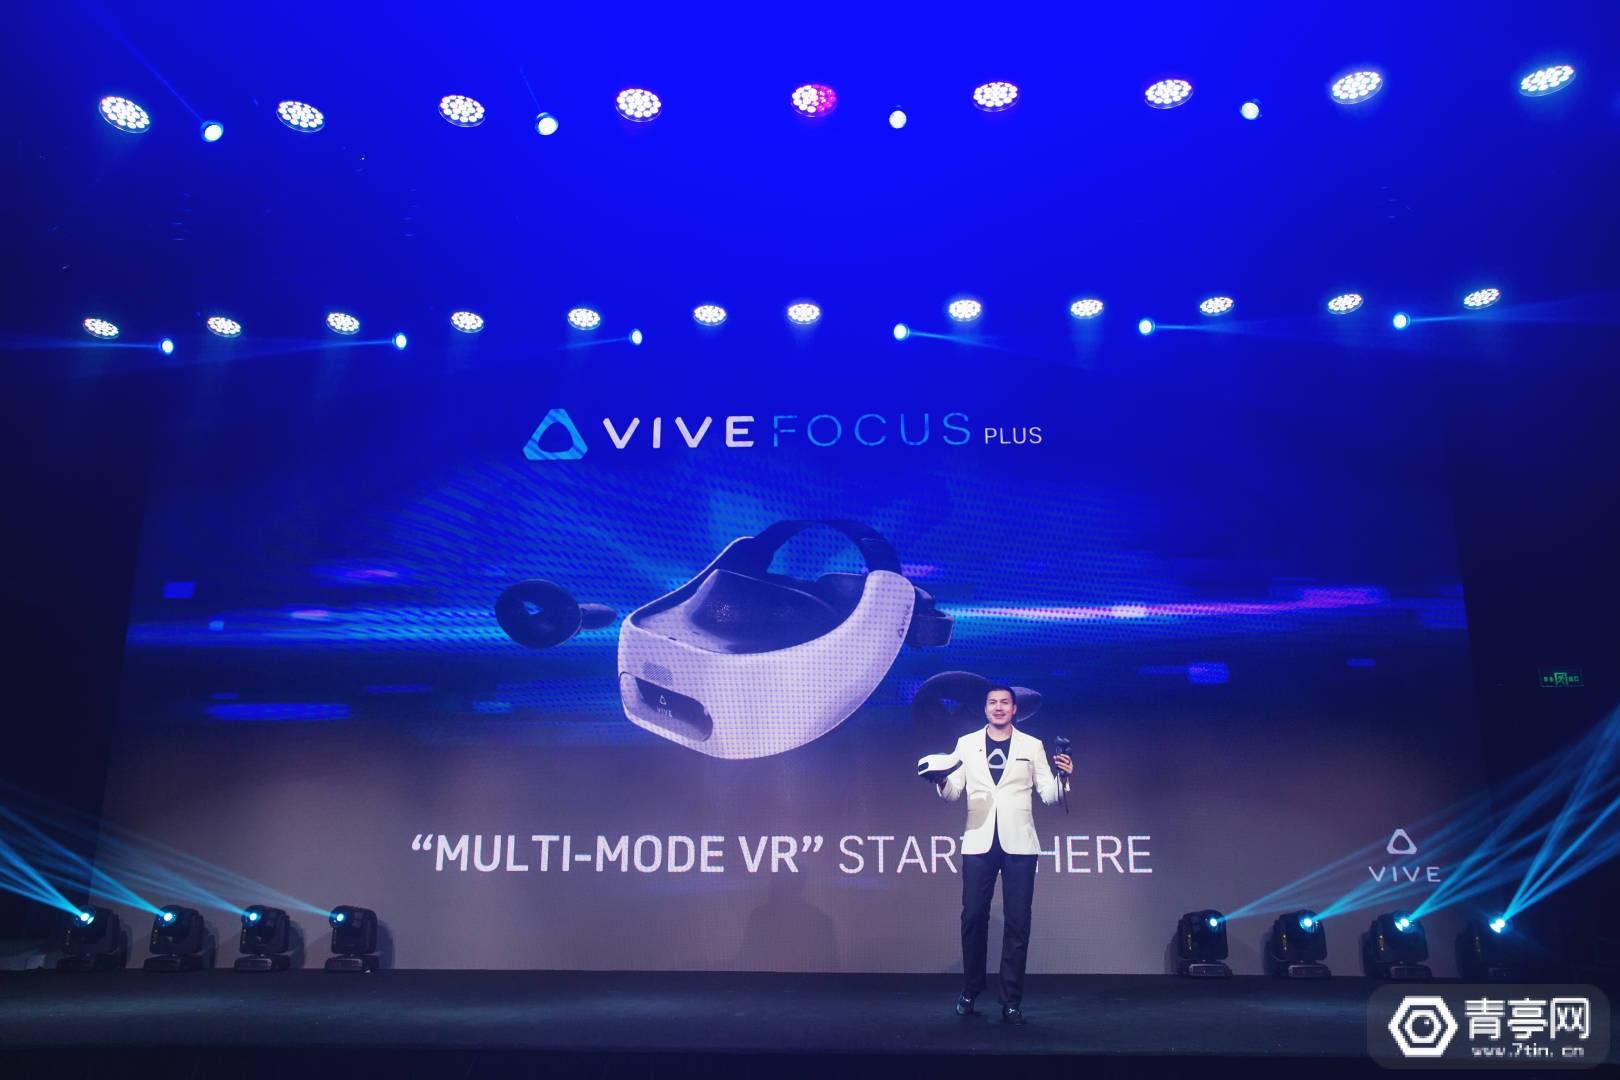 配备双6DoF手柄5699元,Vive Focus Plus正式发布